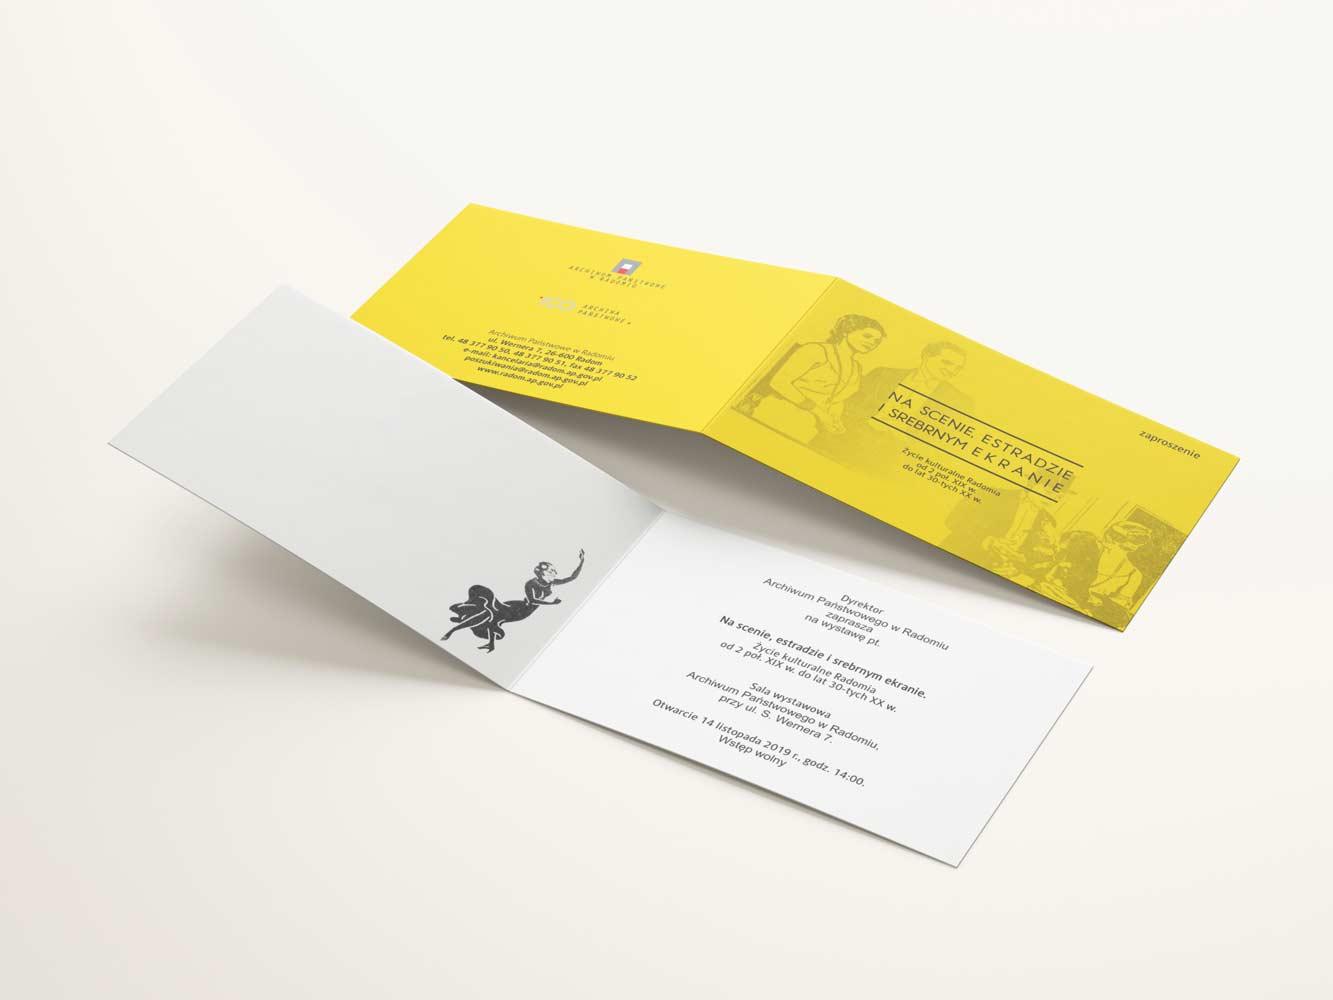 Archiwum Państwowe - Zaproszenie